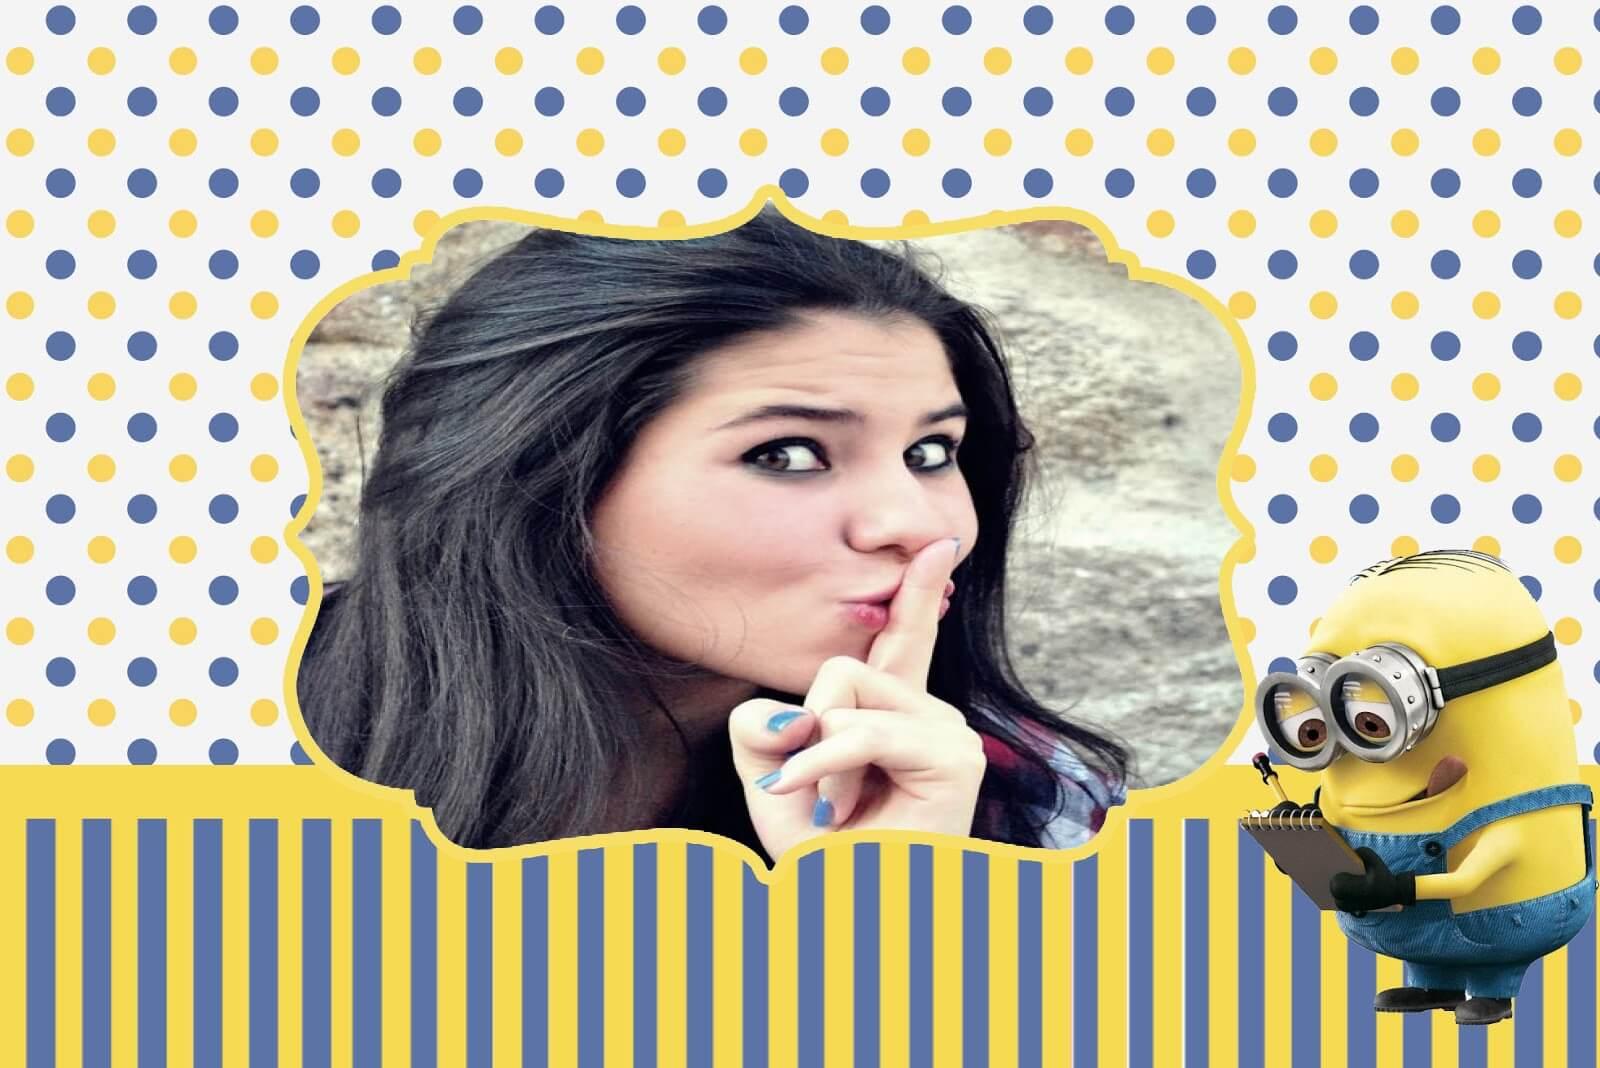 azul-e-amarelo-fotomontagem-minion